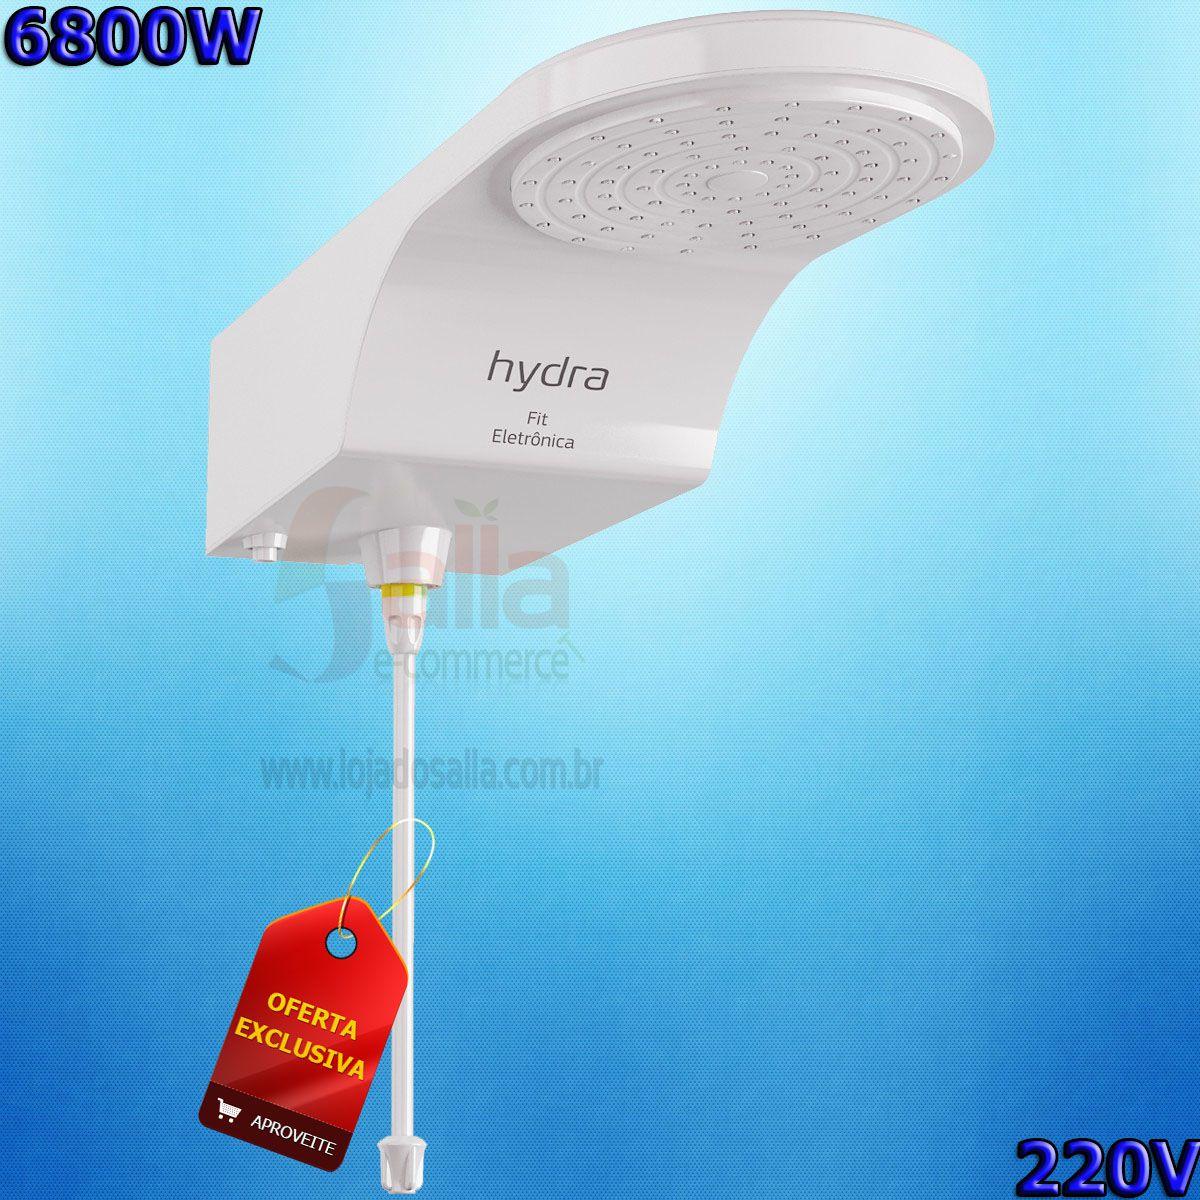 Ducha Eletrônica Fit 220v 6800w Hydra